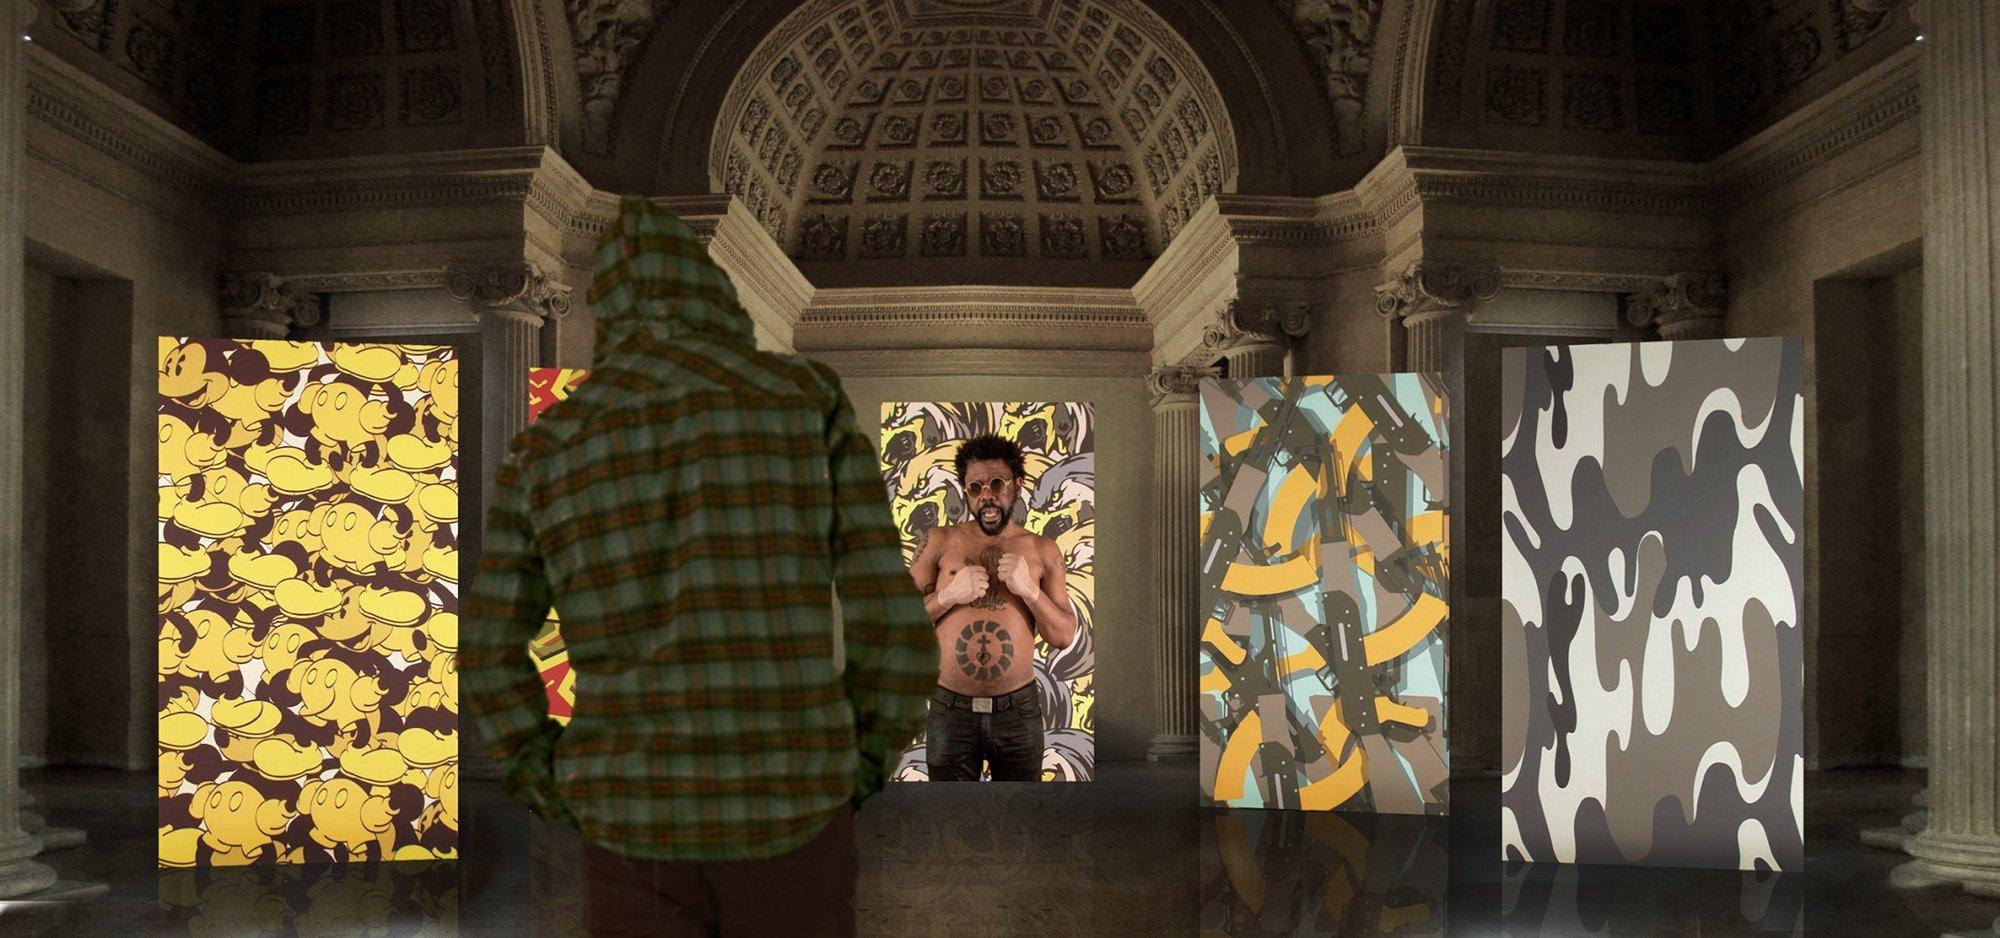 Vue de l'installation Speeches (2012) au Musée d'art et d'histoire de Saint-Denis, Sylvie Blocher.